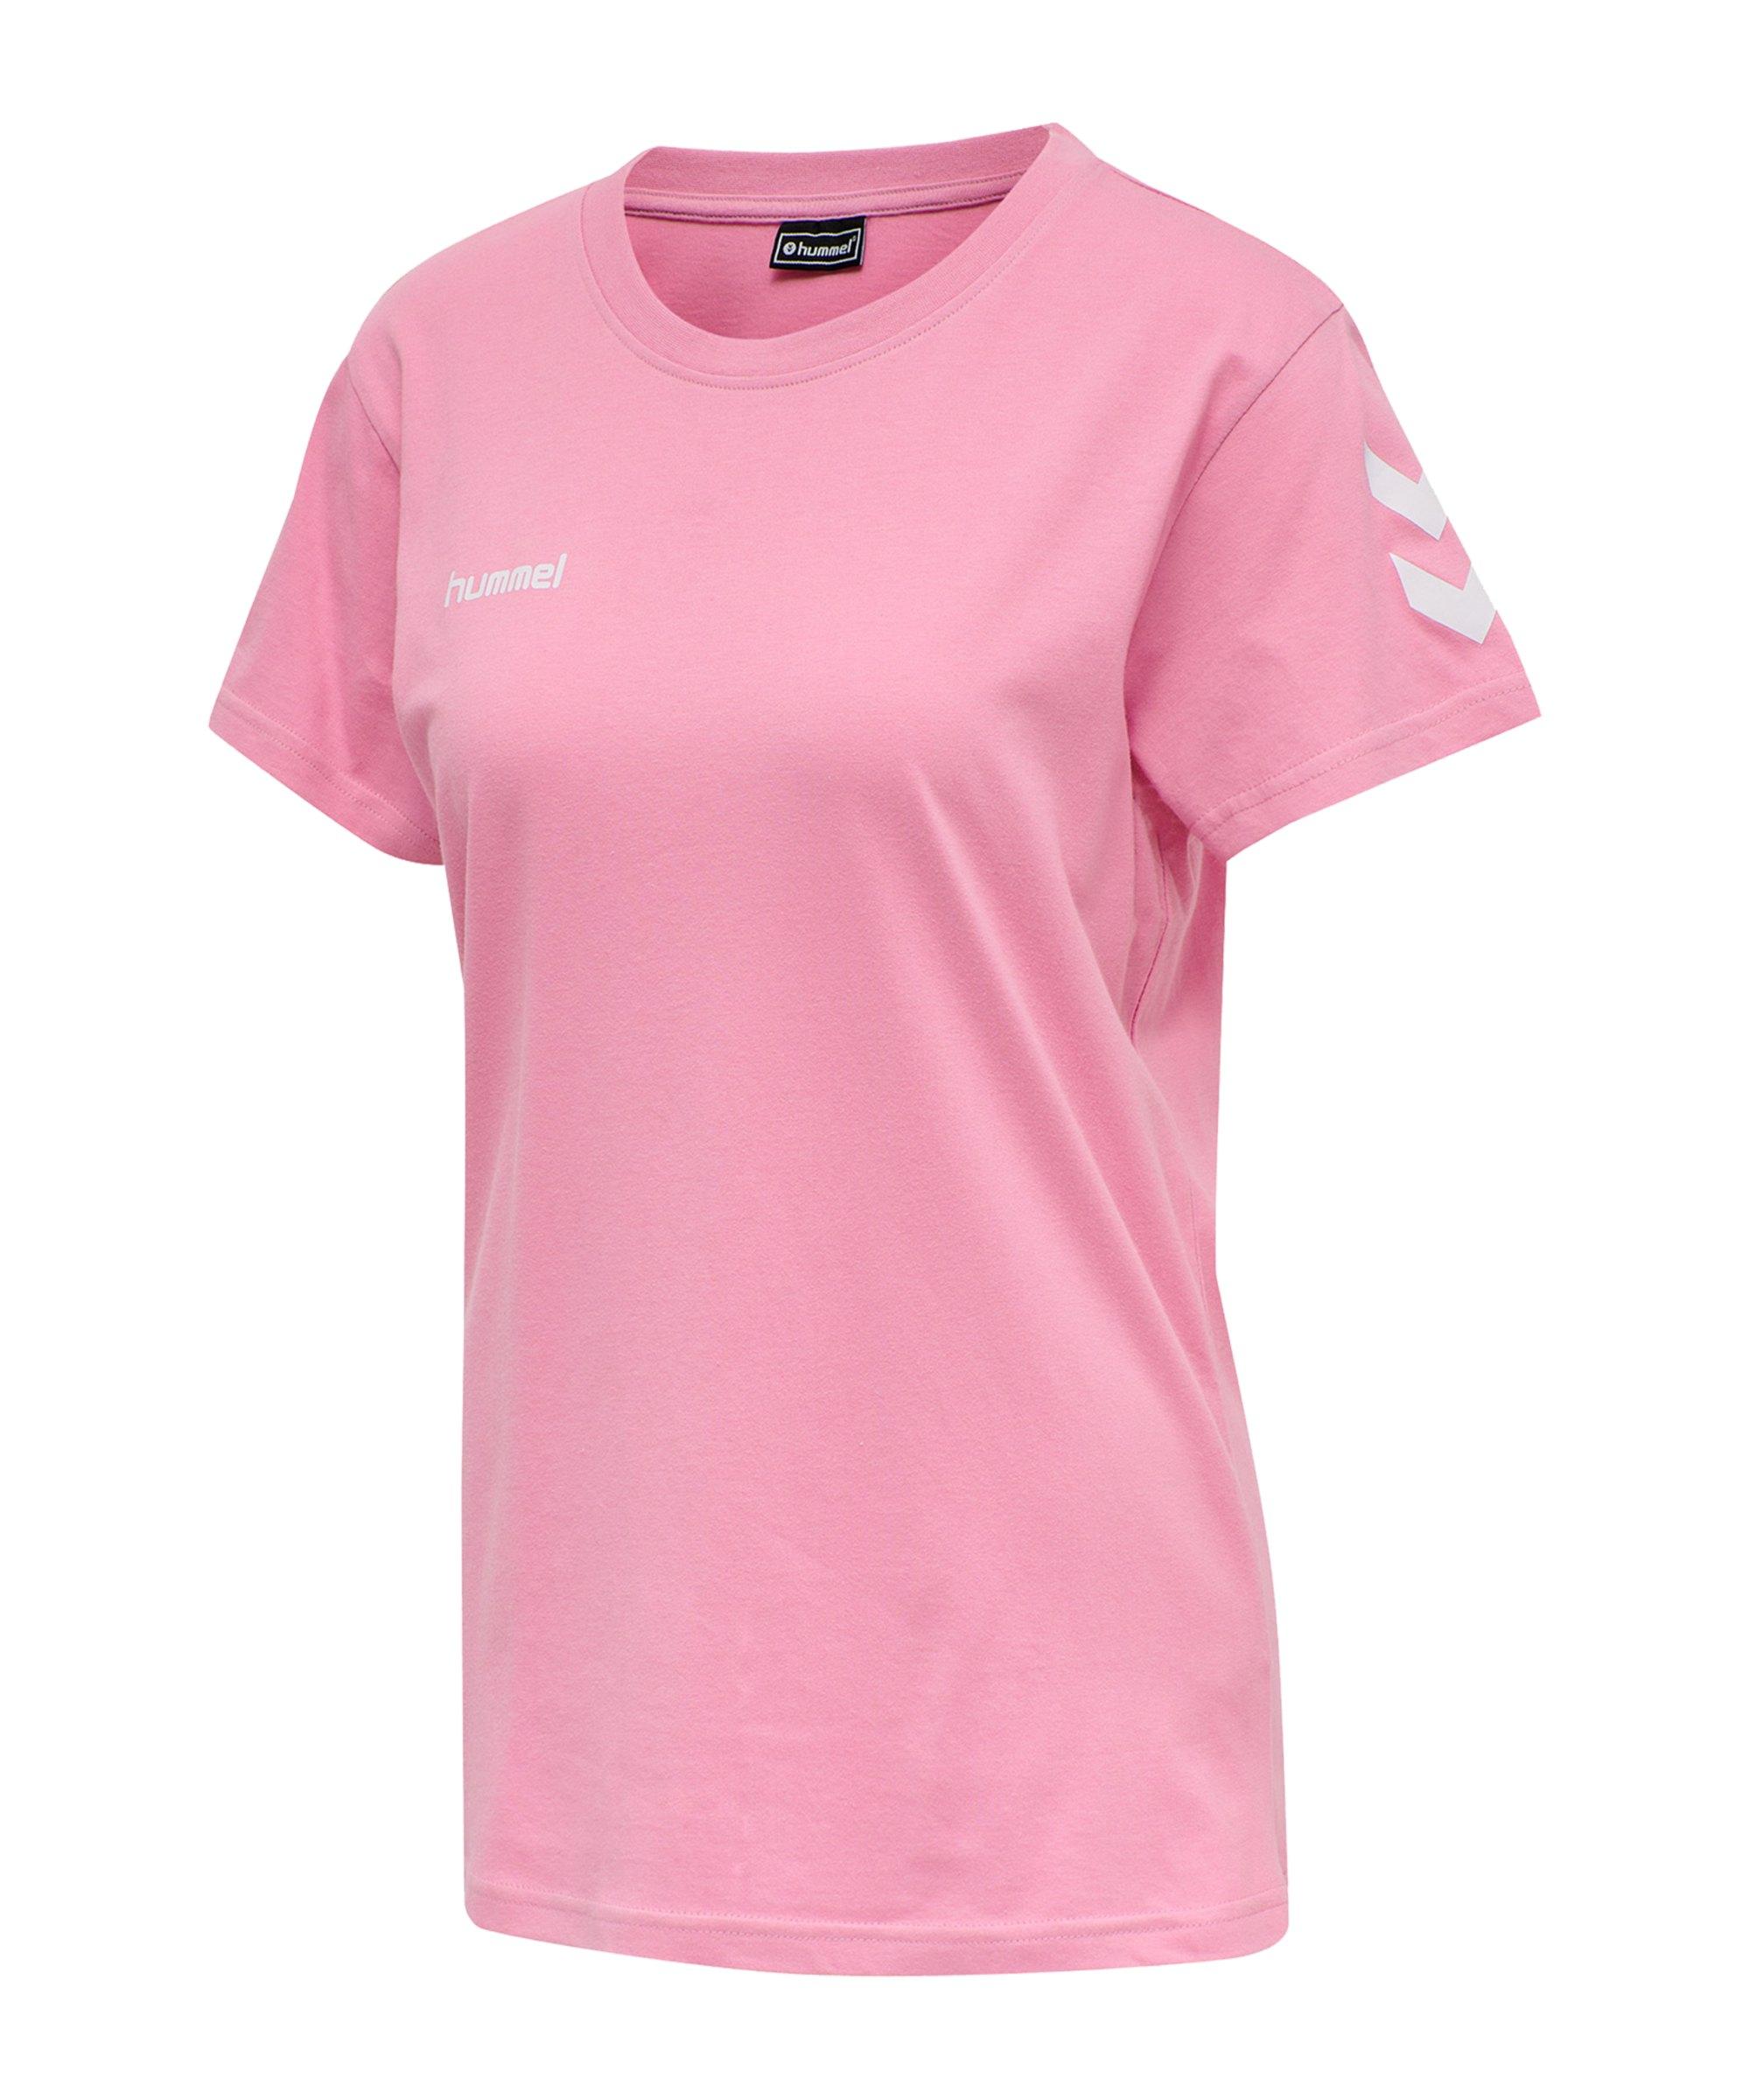 Hummel Cotton T-Shirt Damen Rosa F3257 - rosa